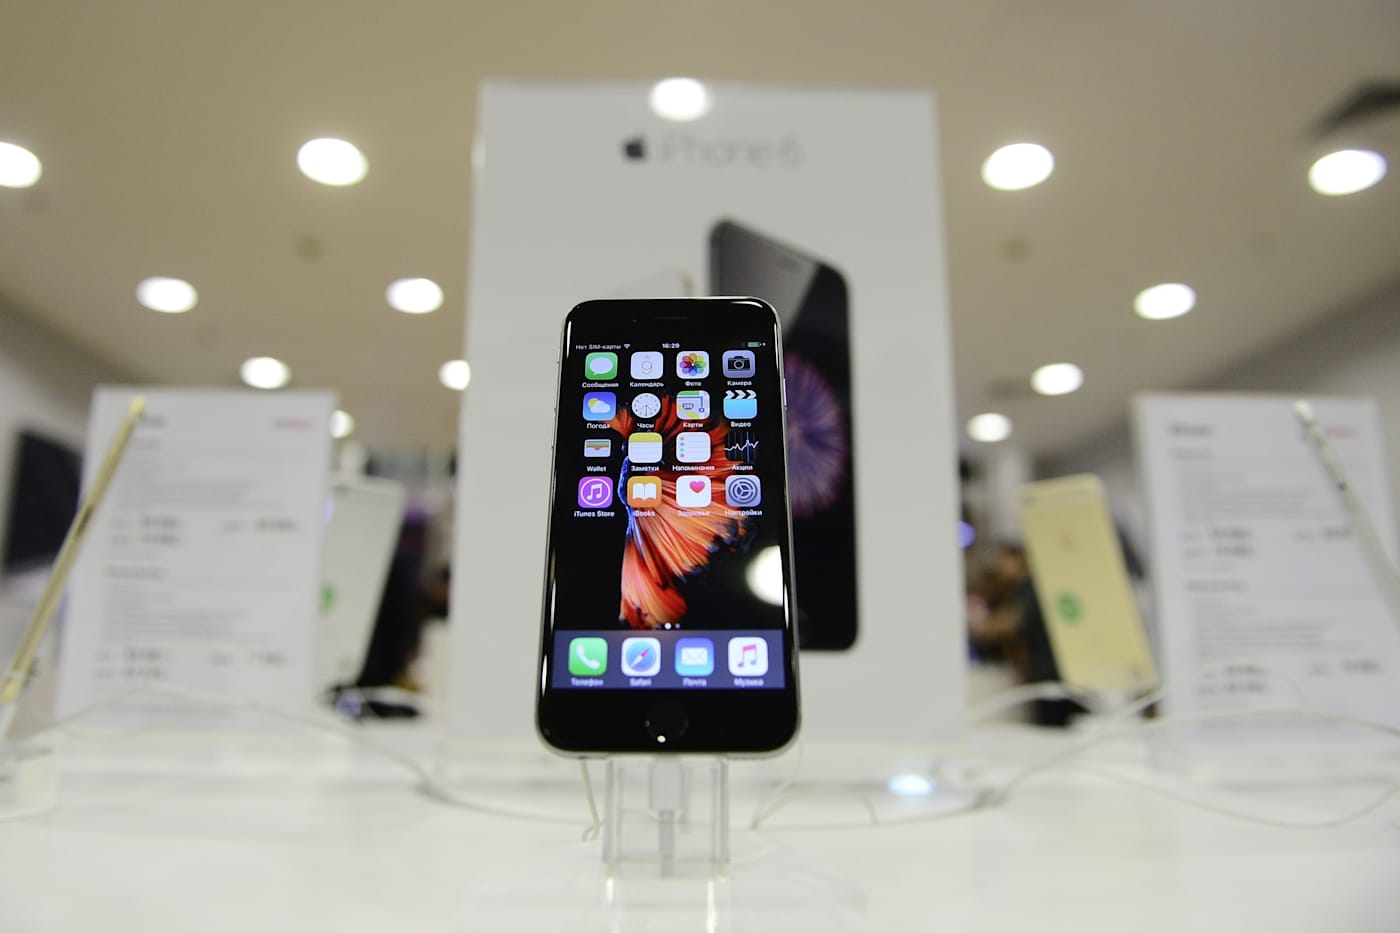 苹果再达里程碑,但 iPhone 销量有放缓迹象